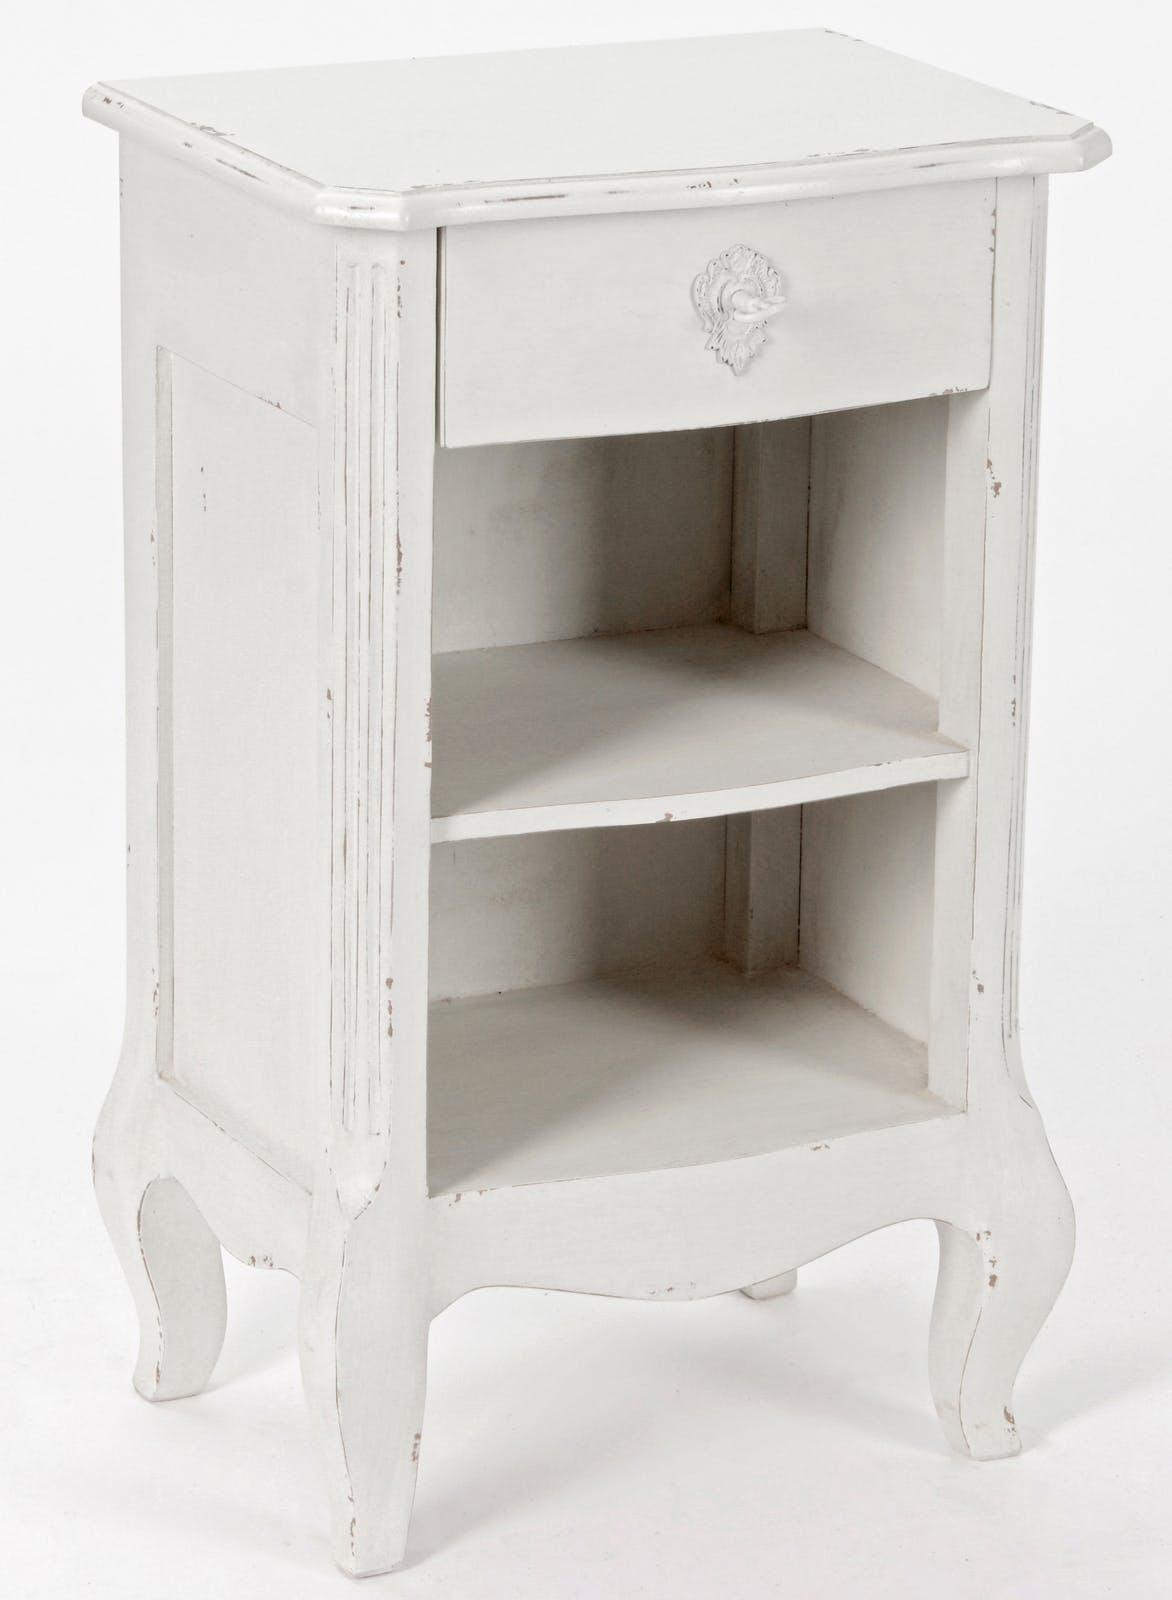 Table de chevet Romantique 3 plateaux, 1 tiroir HARPE L40 X P30 X H65 Crème Antique vieilli AMADEUS